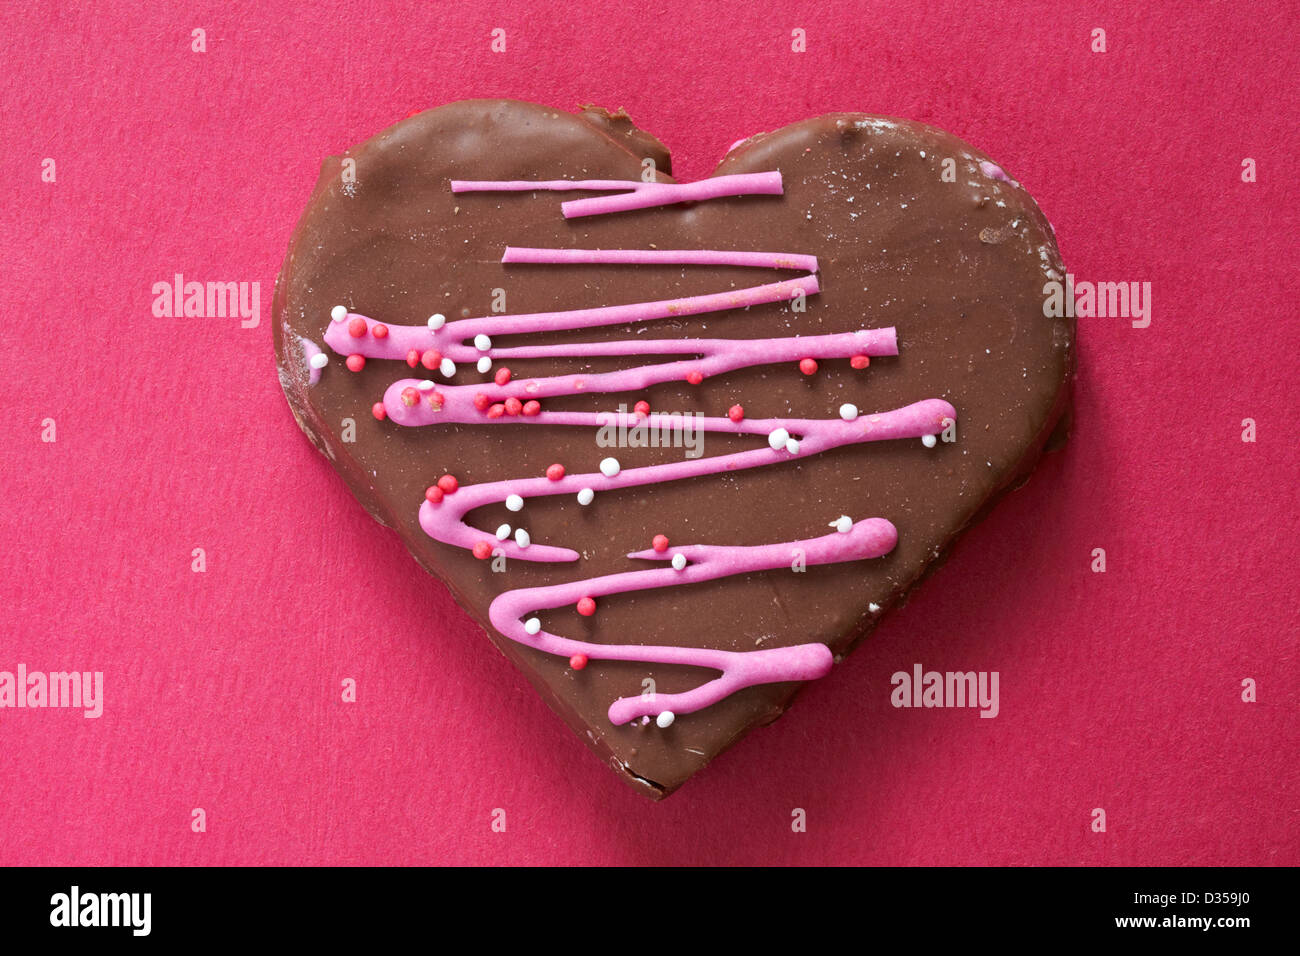 Valentinstag Schokolade Herz Kuchen Kuchen In Herzform Auf Rosa